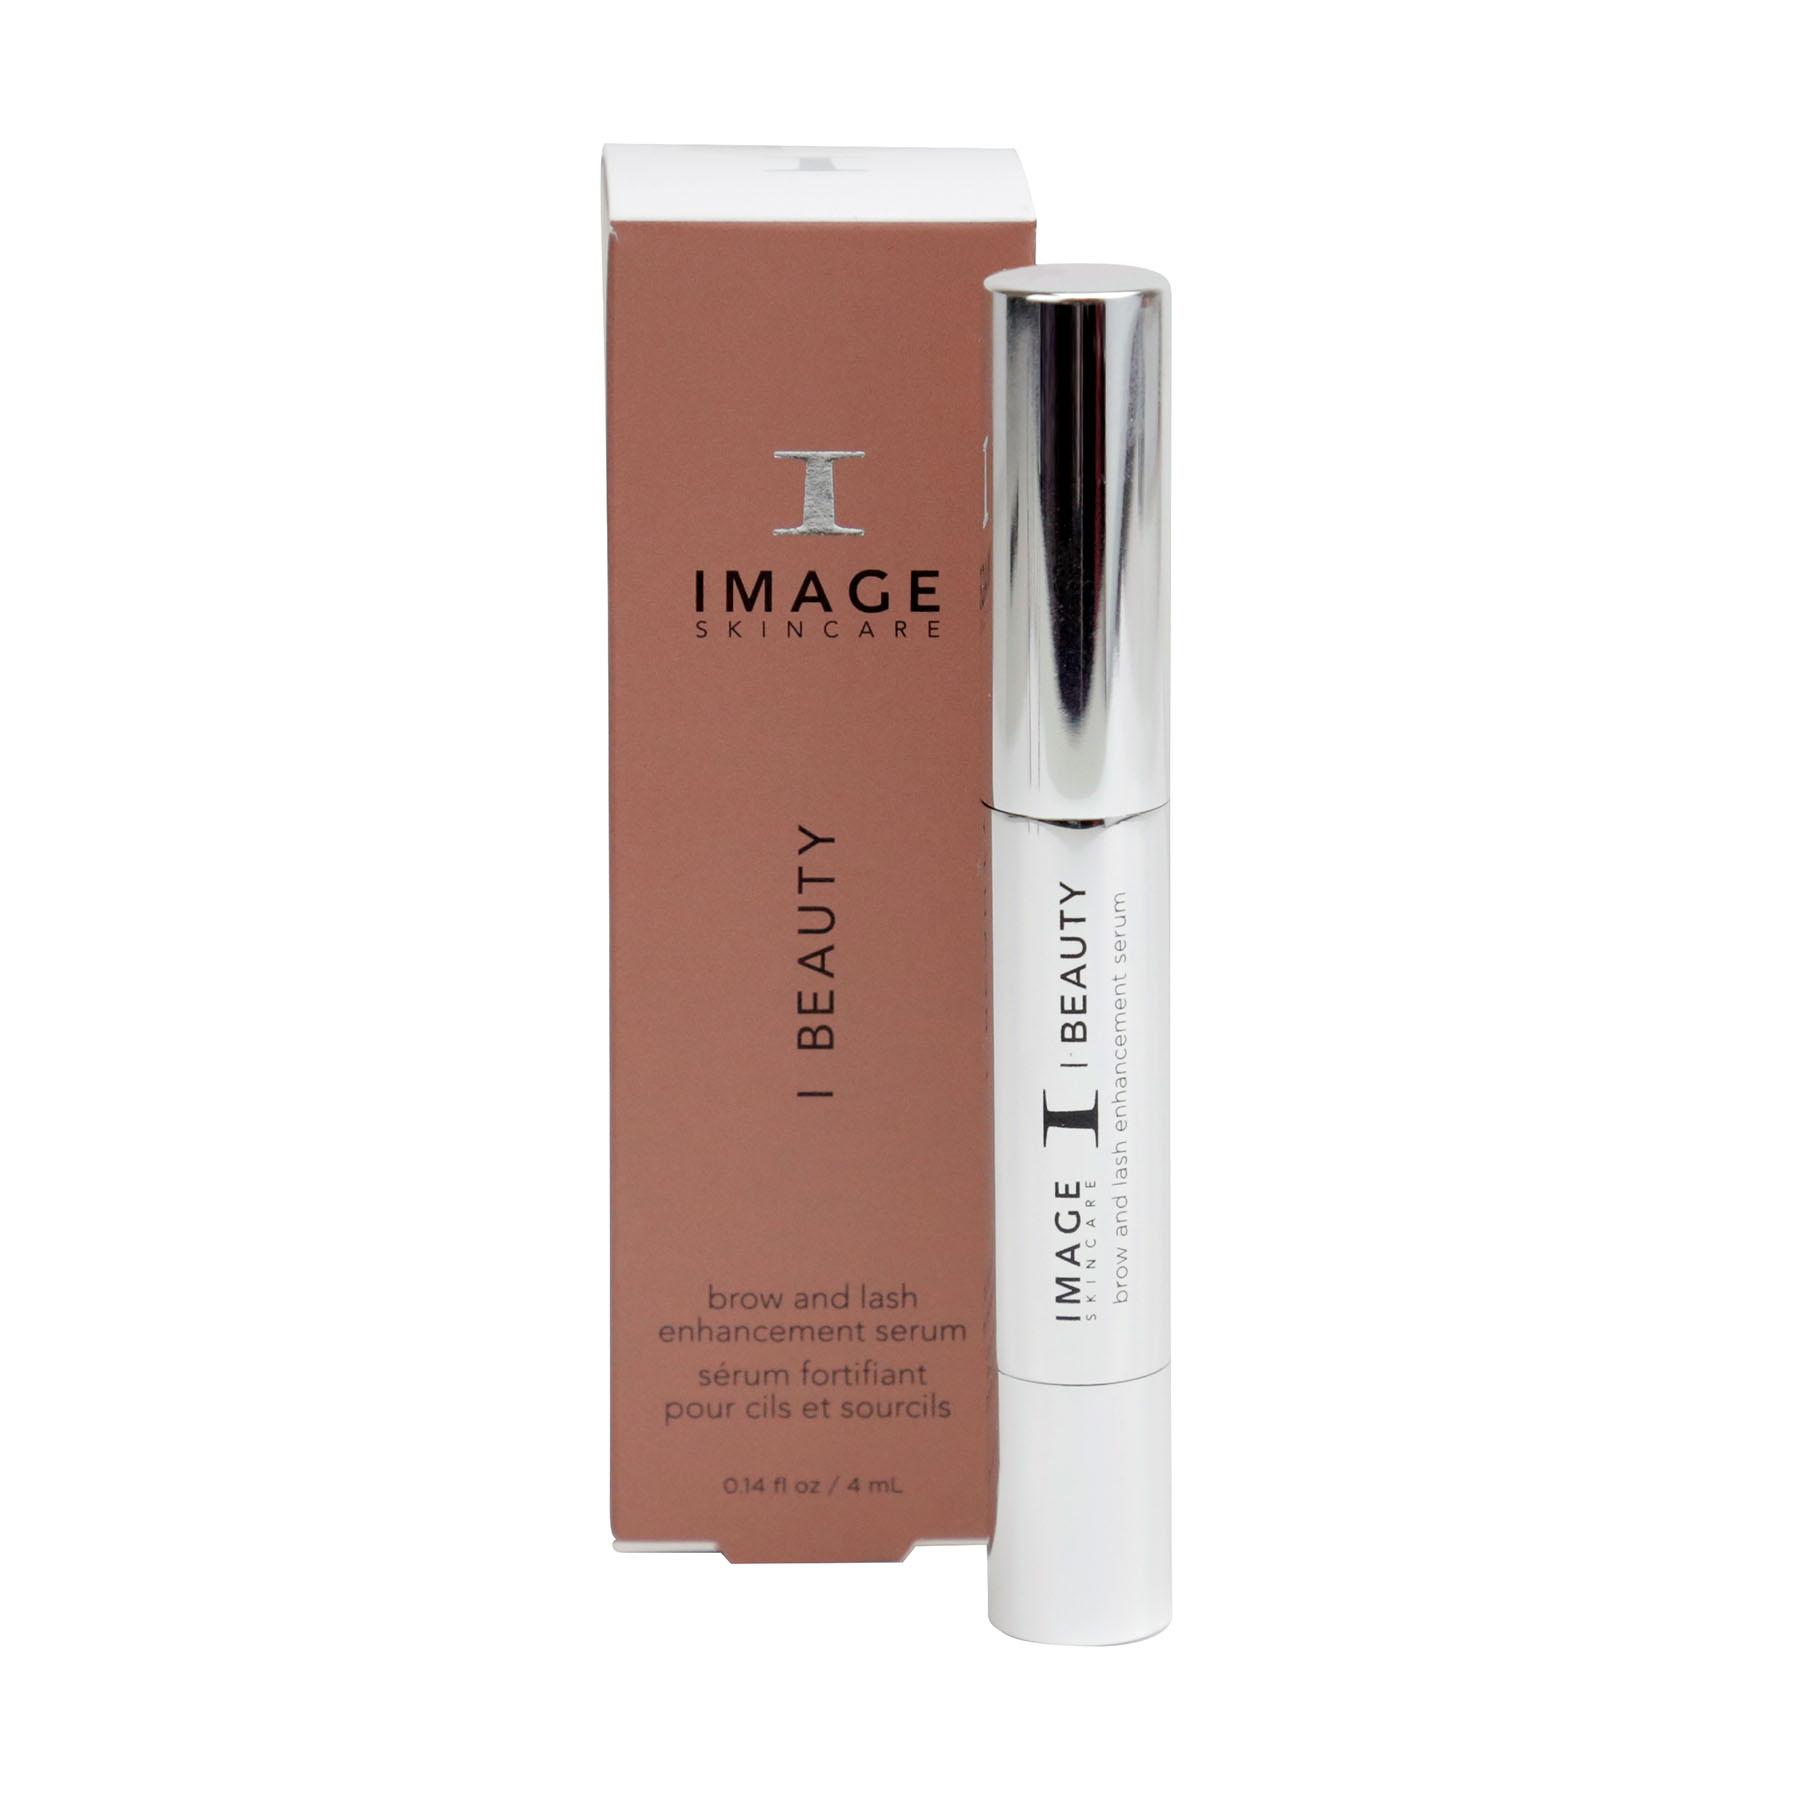 Serum dưỡng dài lông mày và lông mi Image Skincare I Beauty Brown & Lash Enhancement Serum